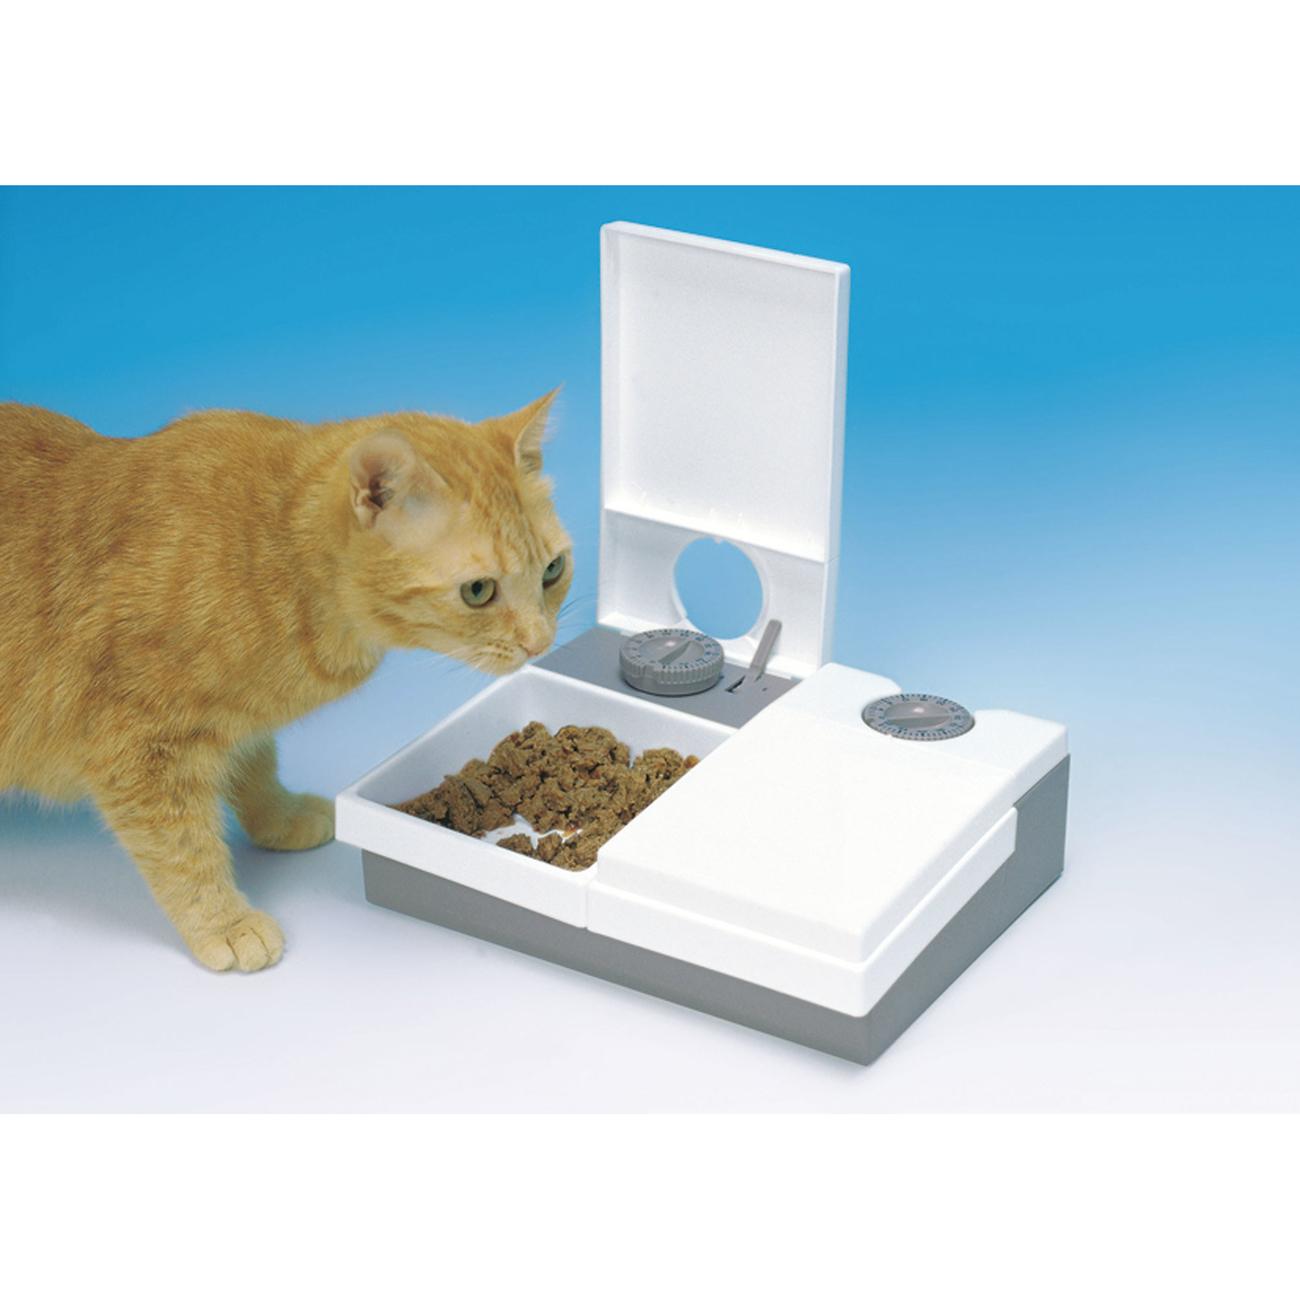 CAT MATE C20 Nassfutter Automat, Bild 6